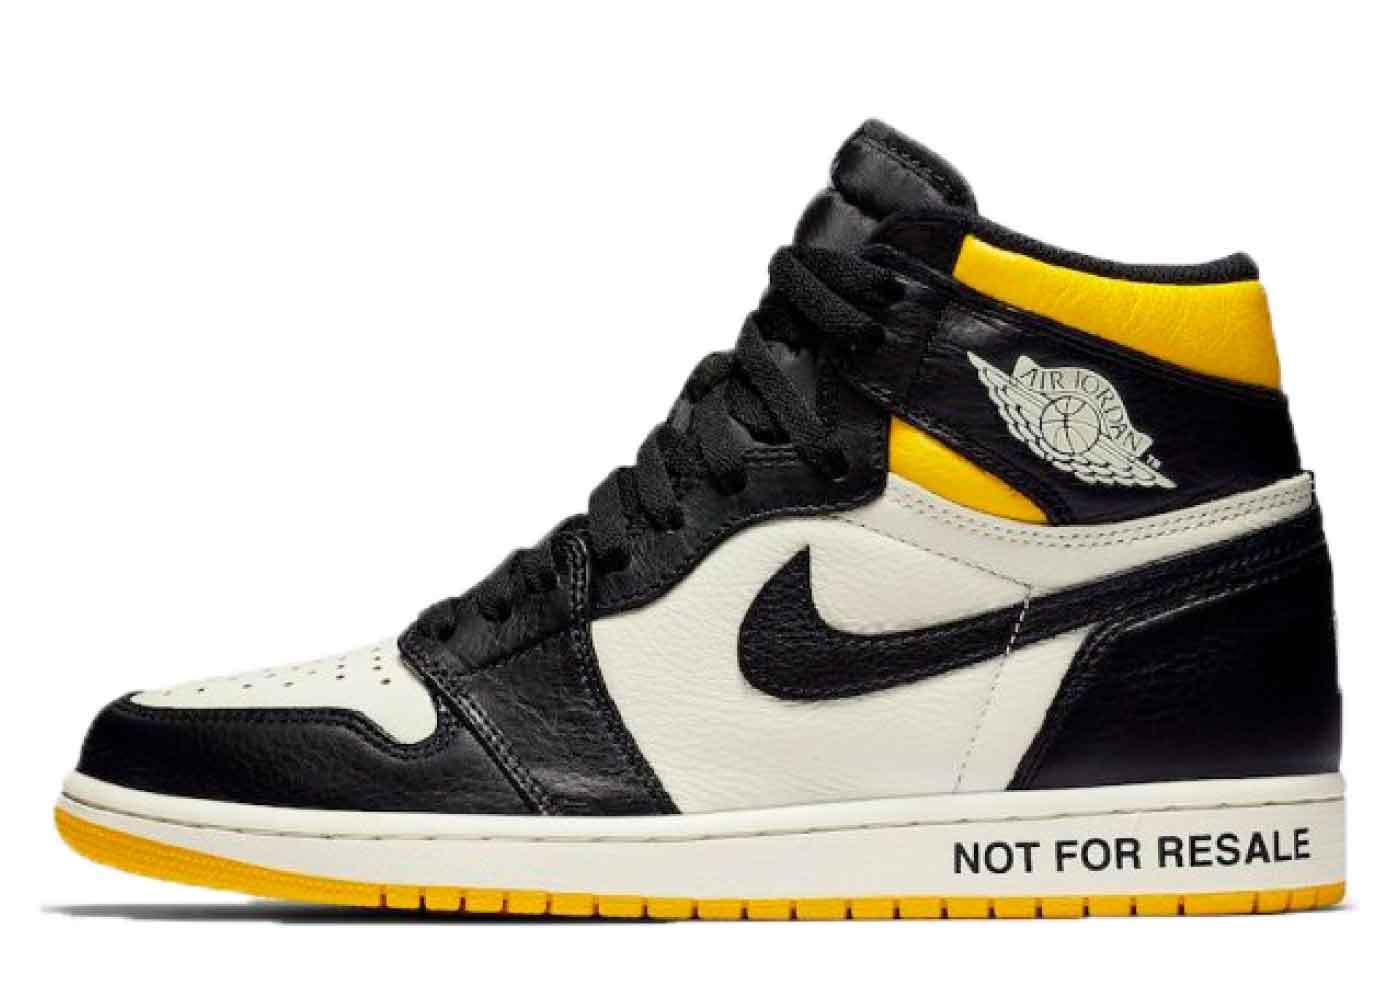 """Nike Air Jordan 1 Retro High """"Not for Resale"""" Varsity Maizeの写真"""